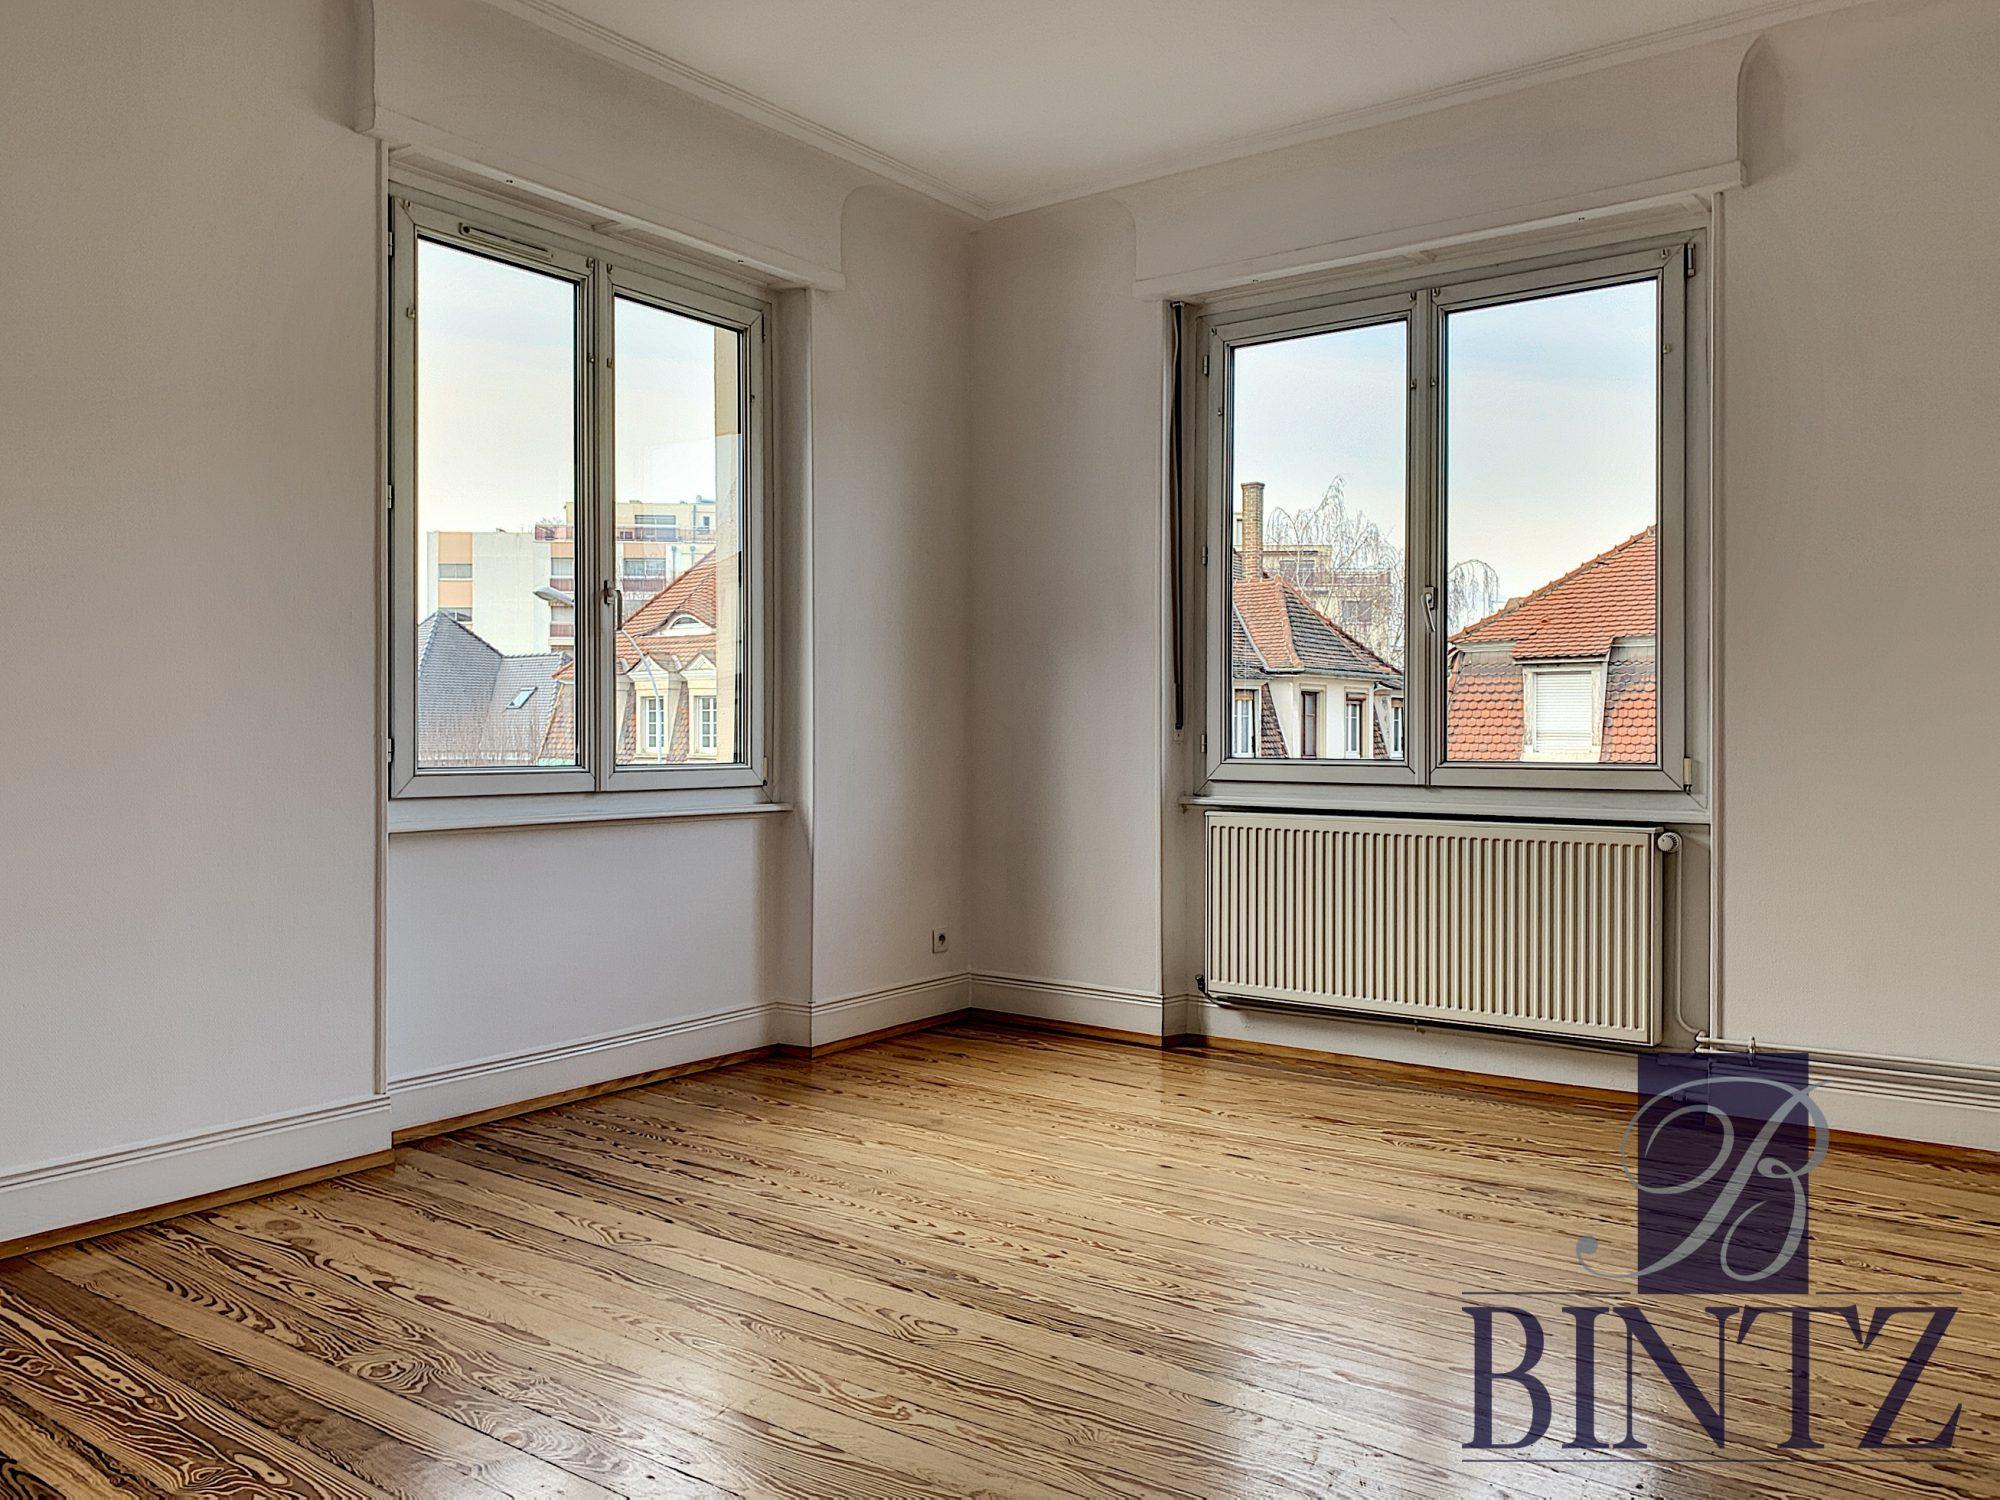 GRAND 4 PIÈCES RÉNOVÉ À NEUDORF - Devenez locataire en toute sérénité - Bintz Immobilier - 9